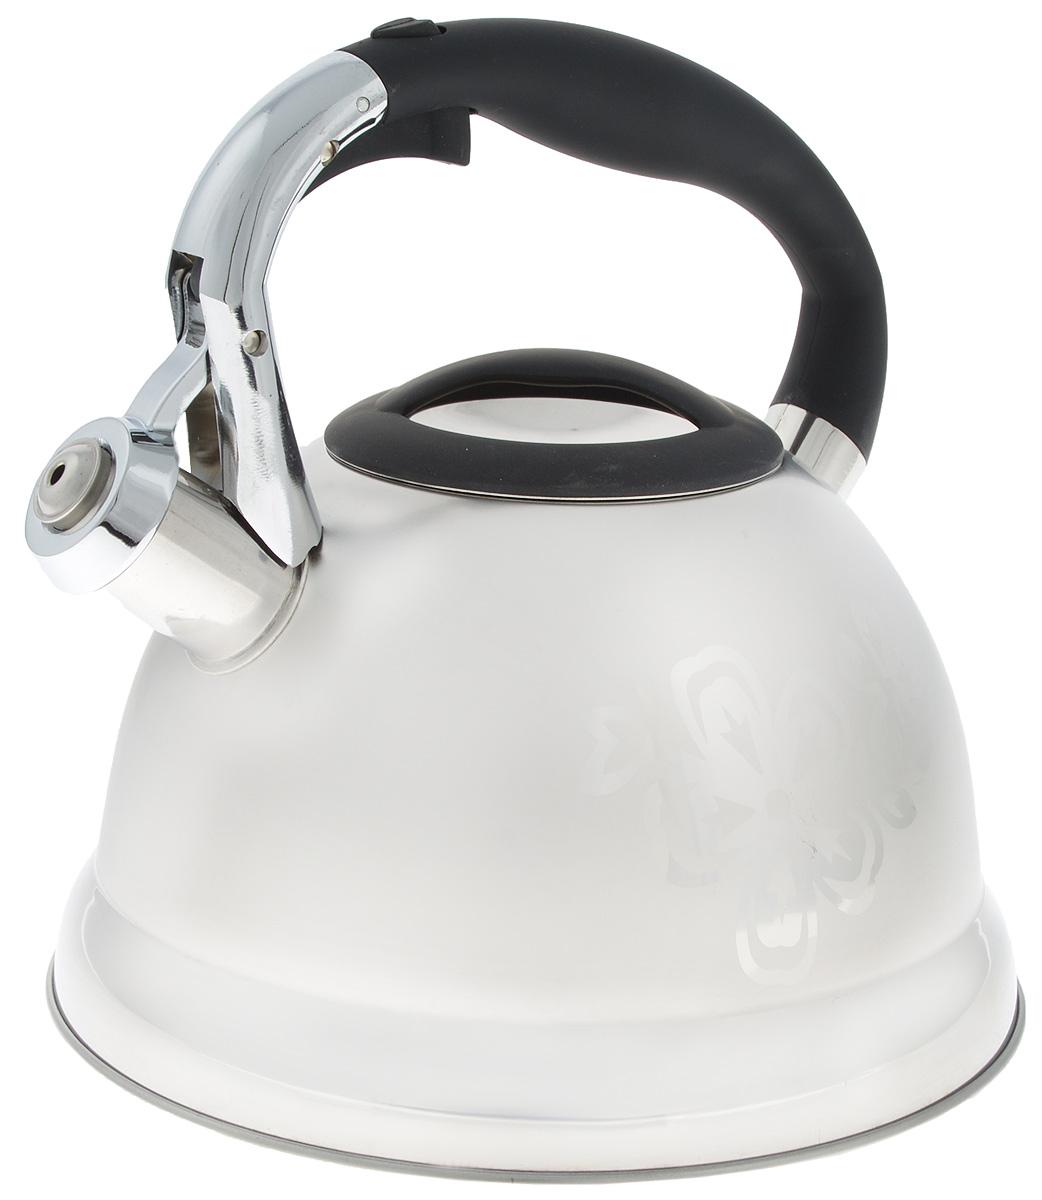 Чайник Hoffmann, со свистком, 3 л. HM 5544HM 5544